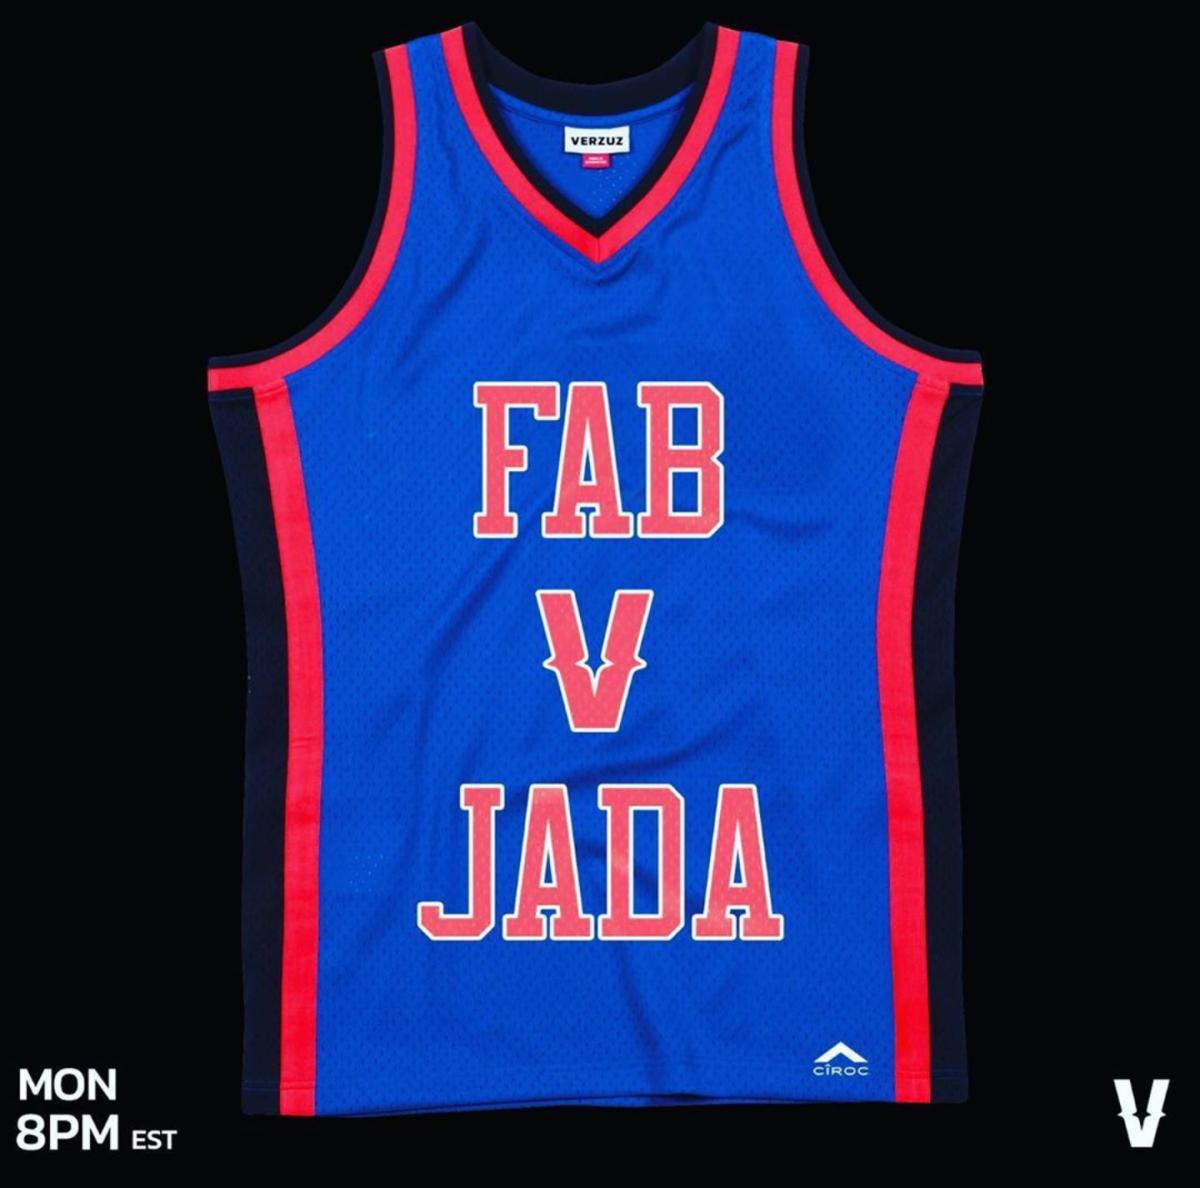 #Verzuz is back with #Fabolous vs #Jadakiss on Monday! [Details]